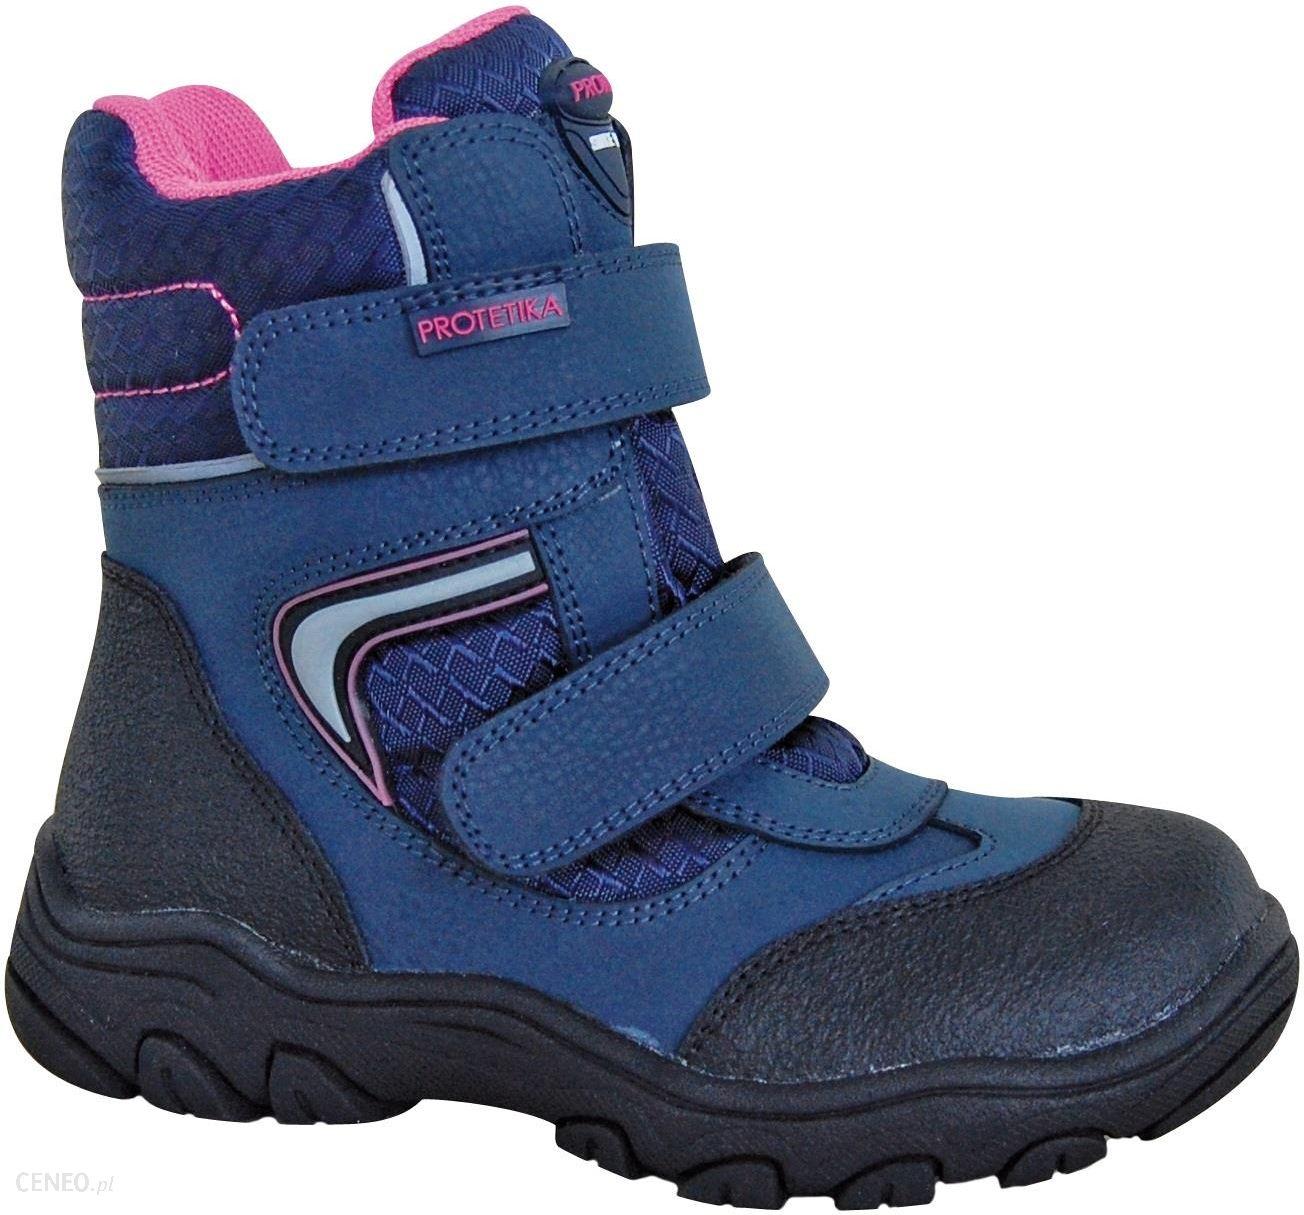 30791f080ba55 Protetika buty zimowe za kostkę dziewczęce Nordika 31